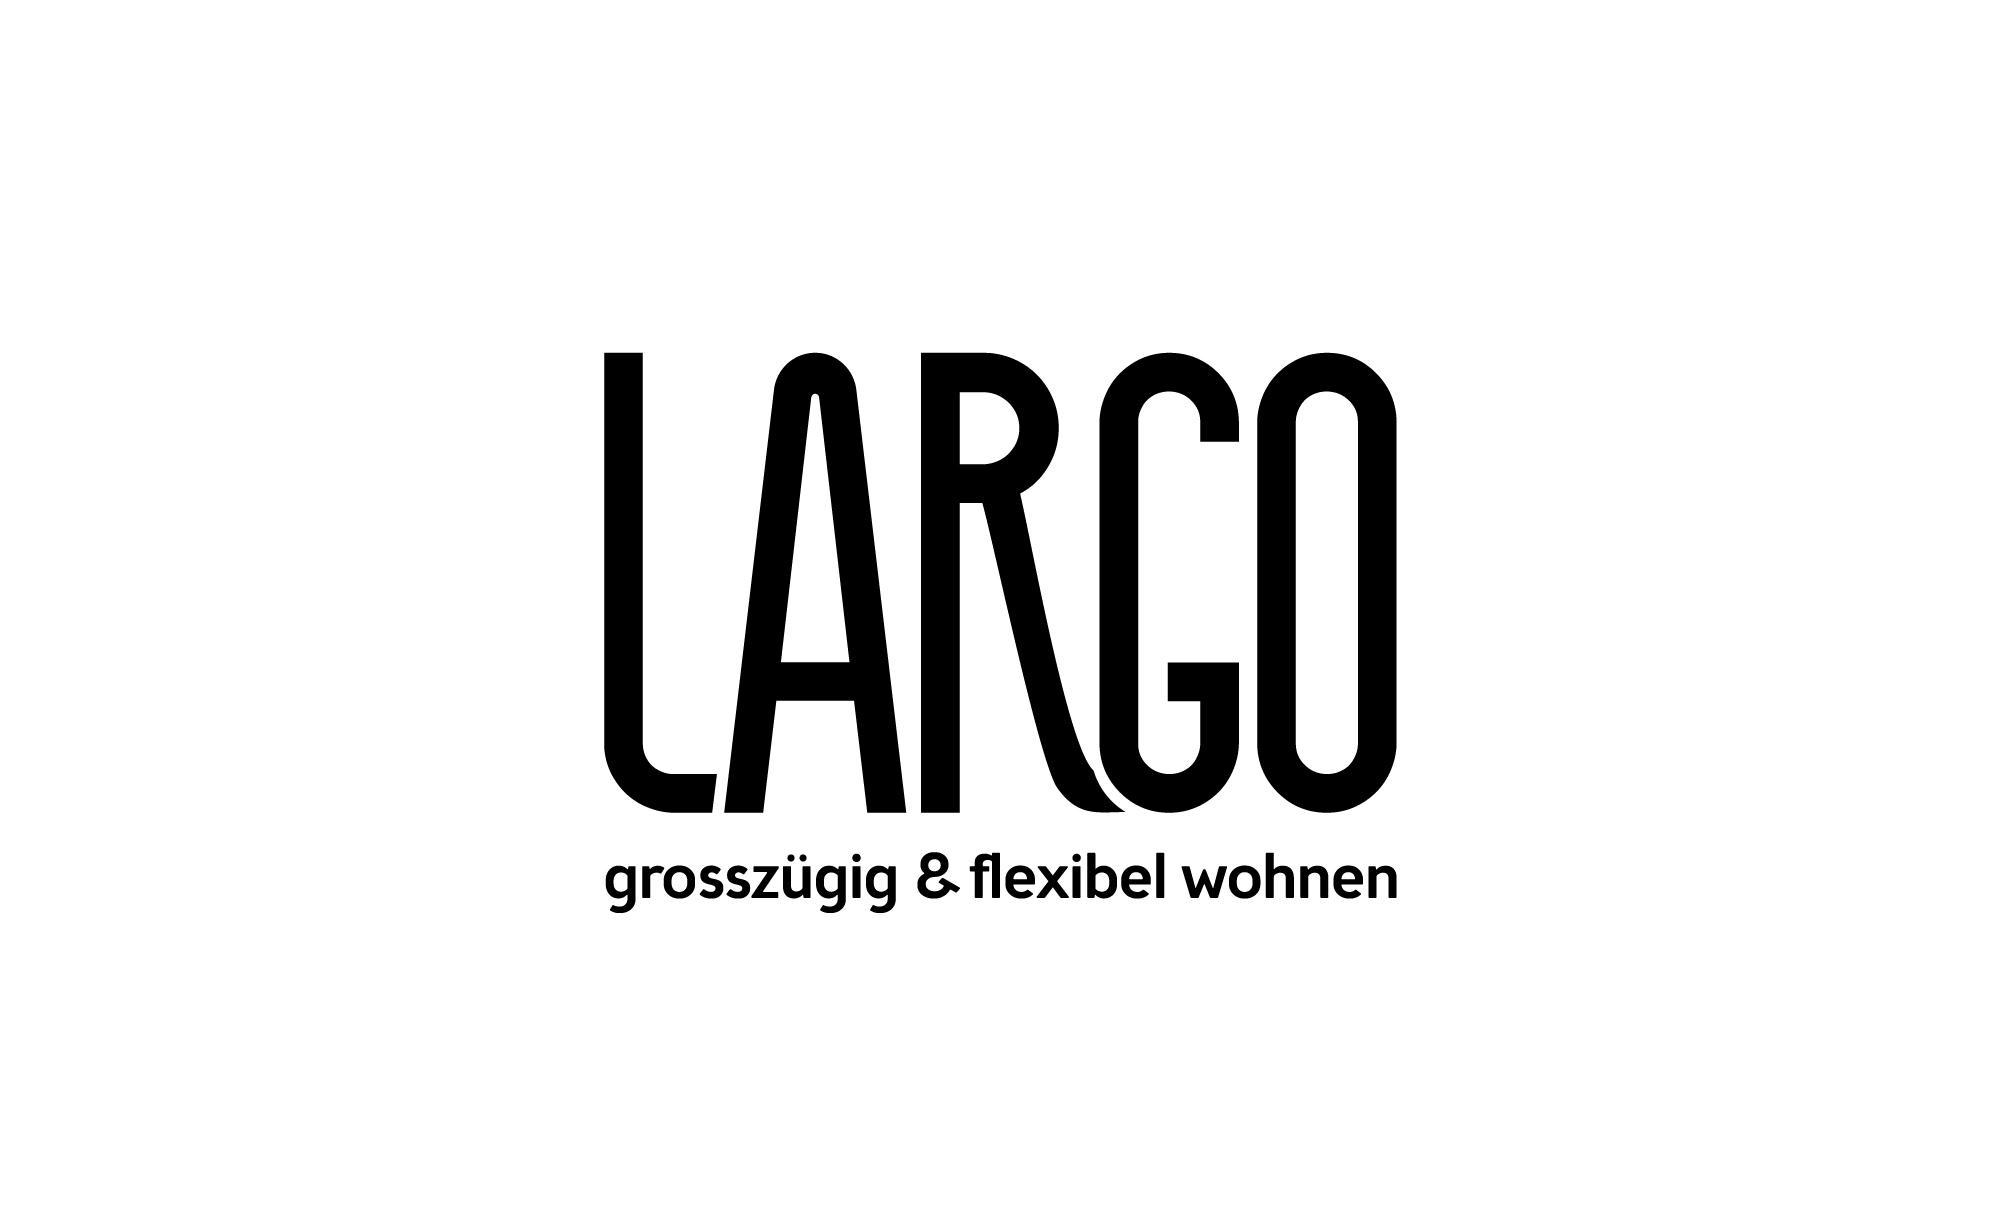 LARGO brand GPU Design